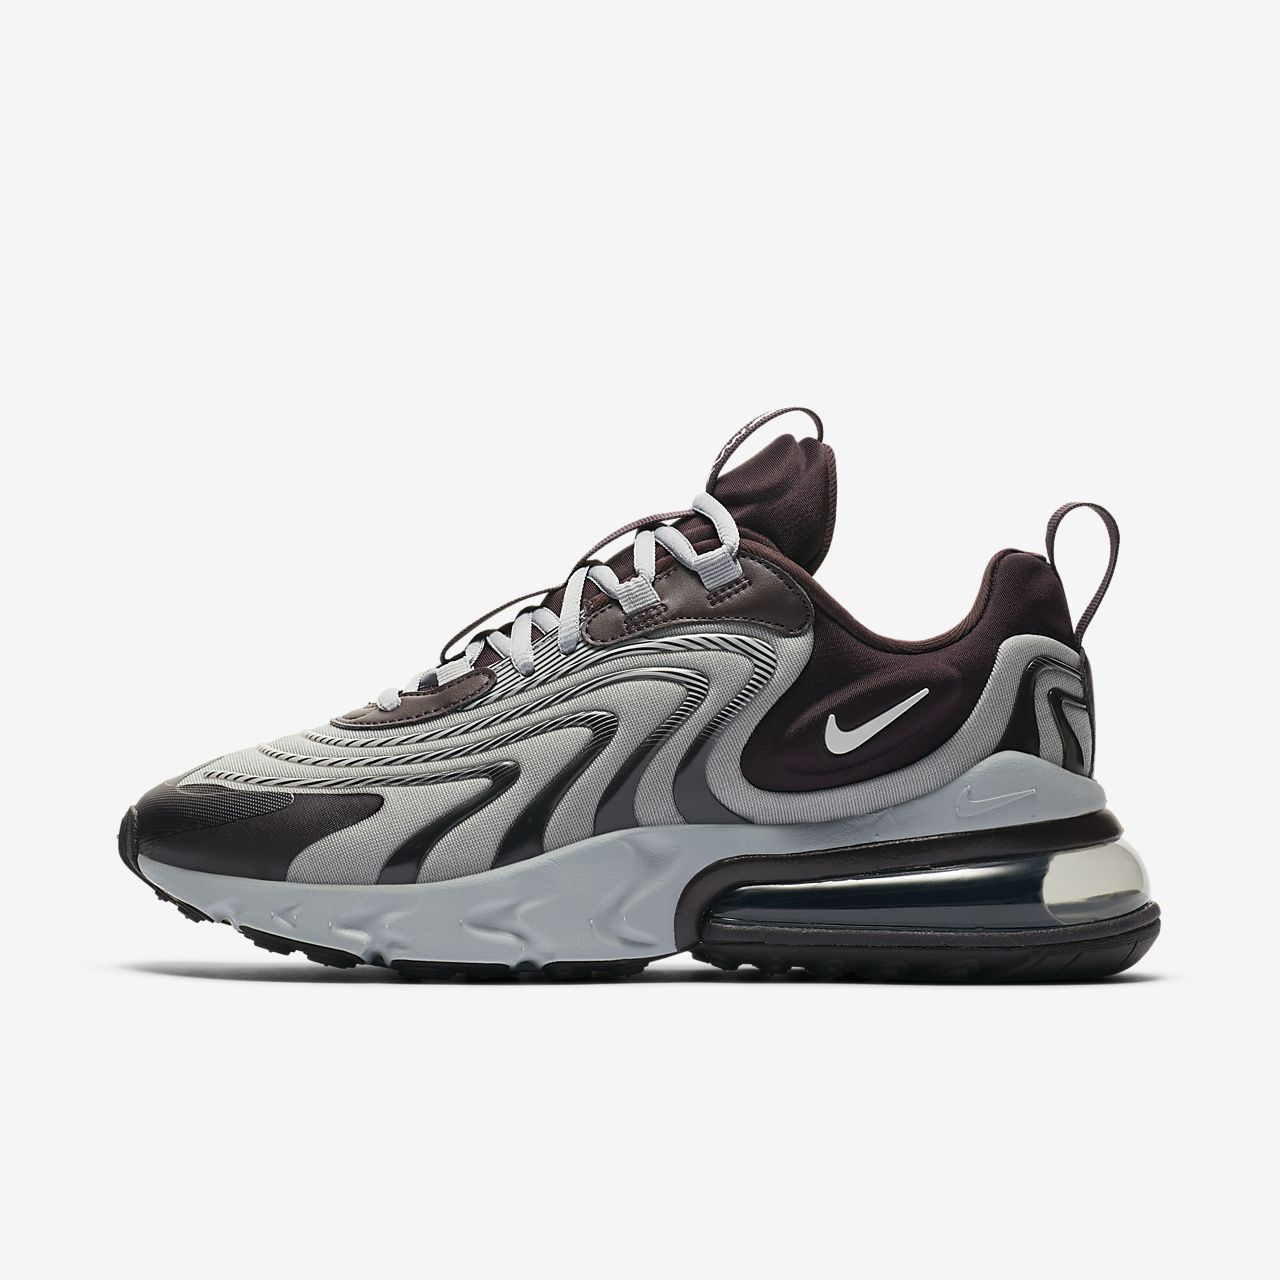 Nike Air Max 270 React ENG Women's Shoe